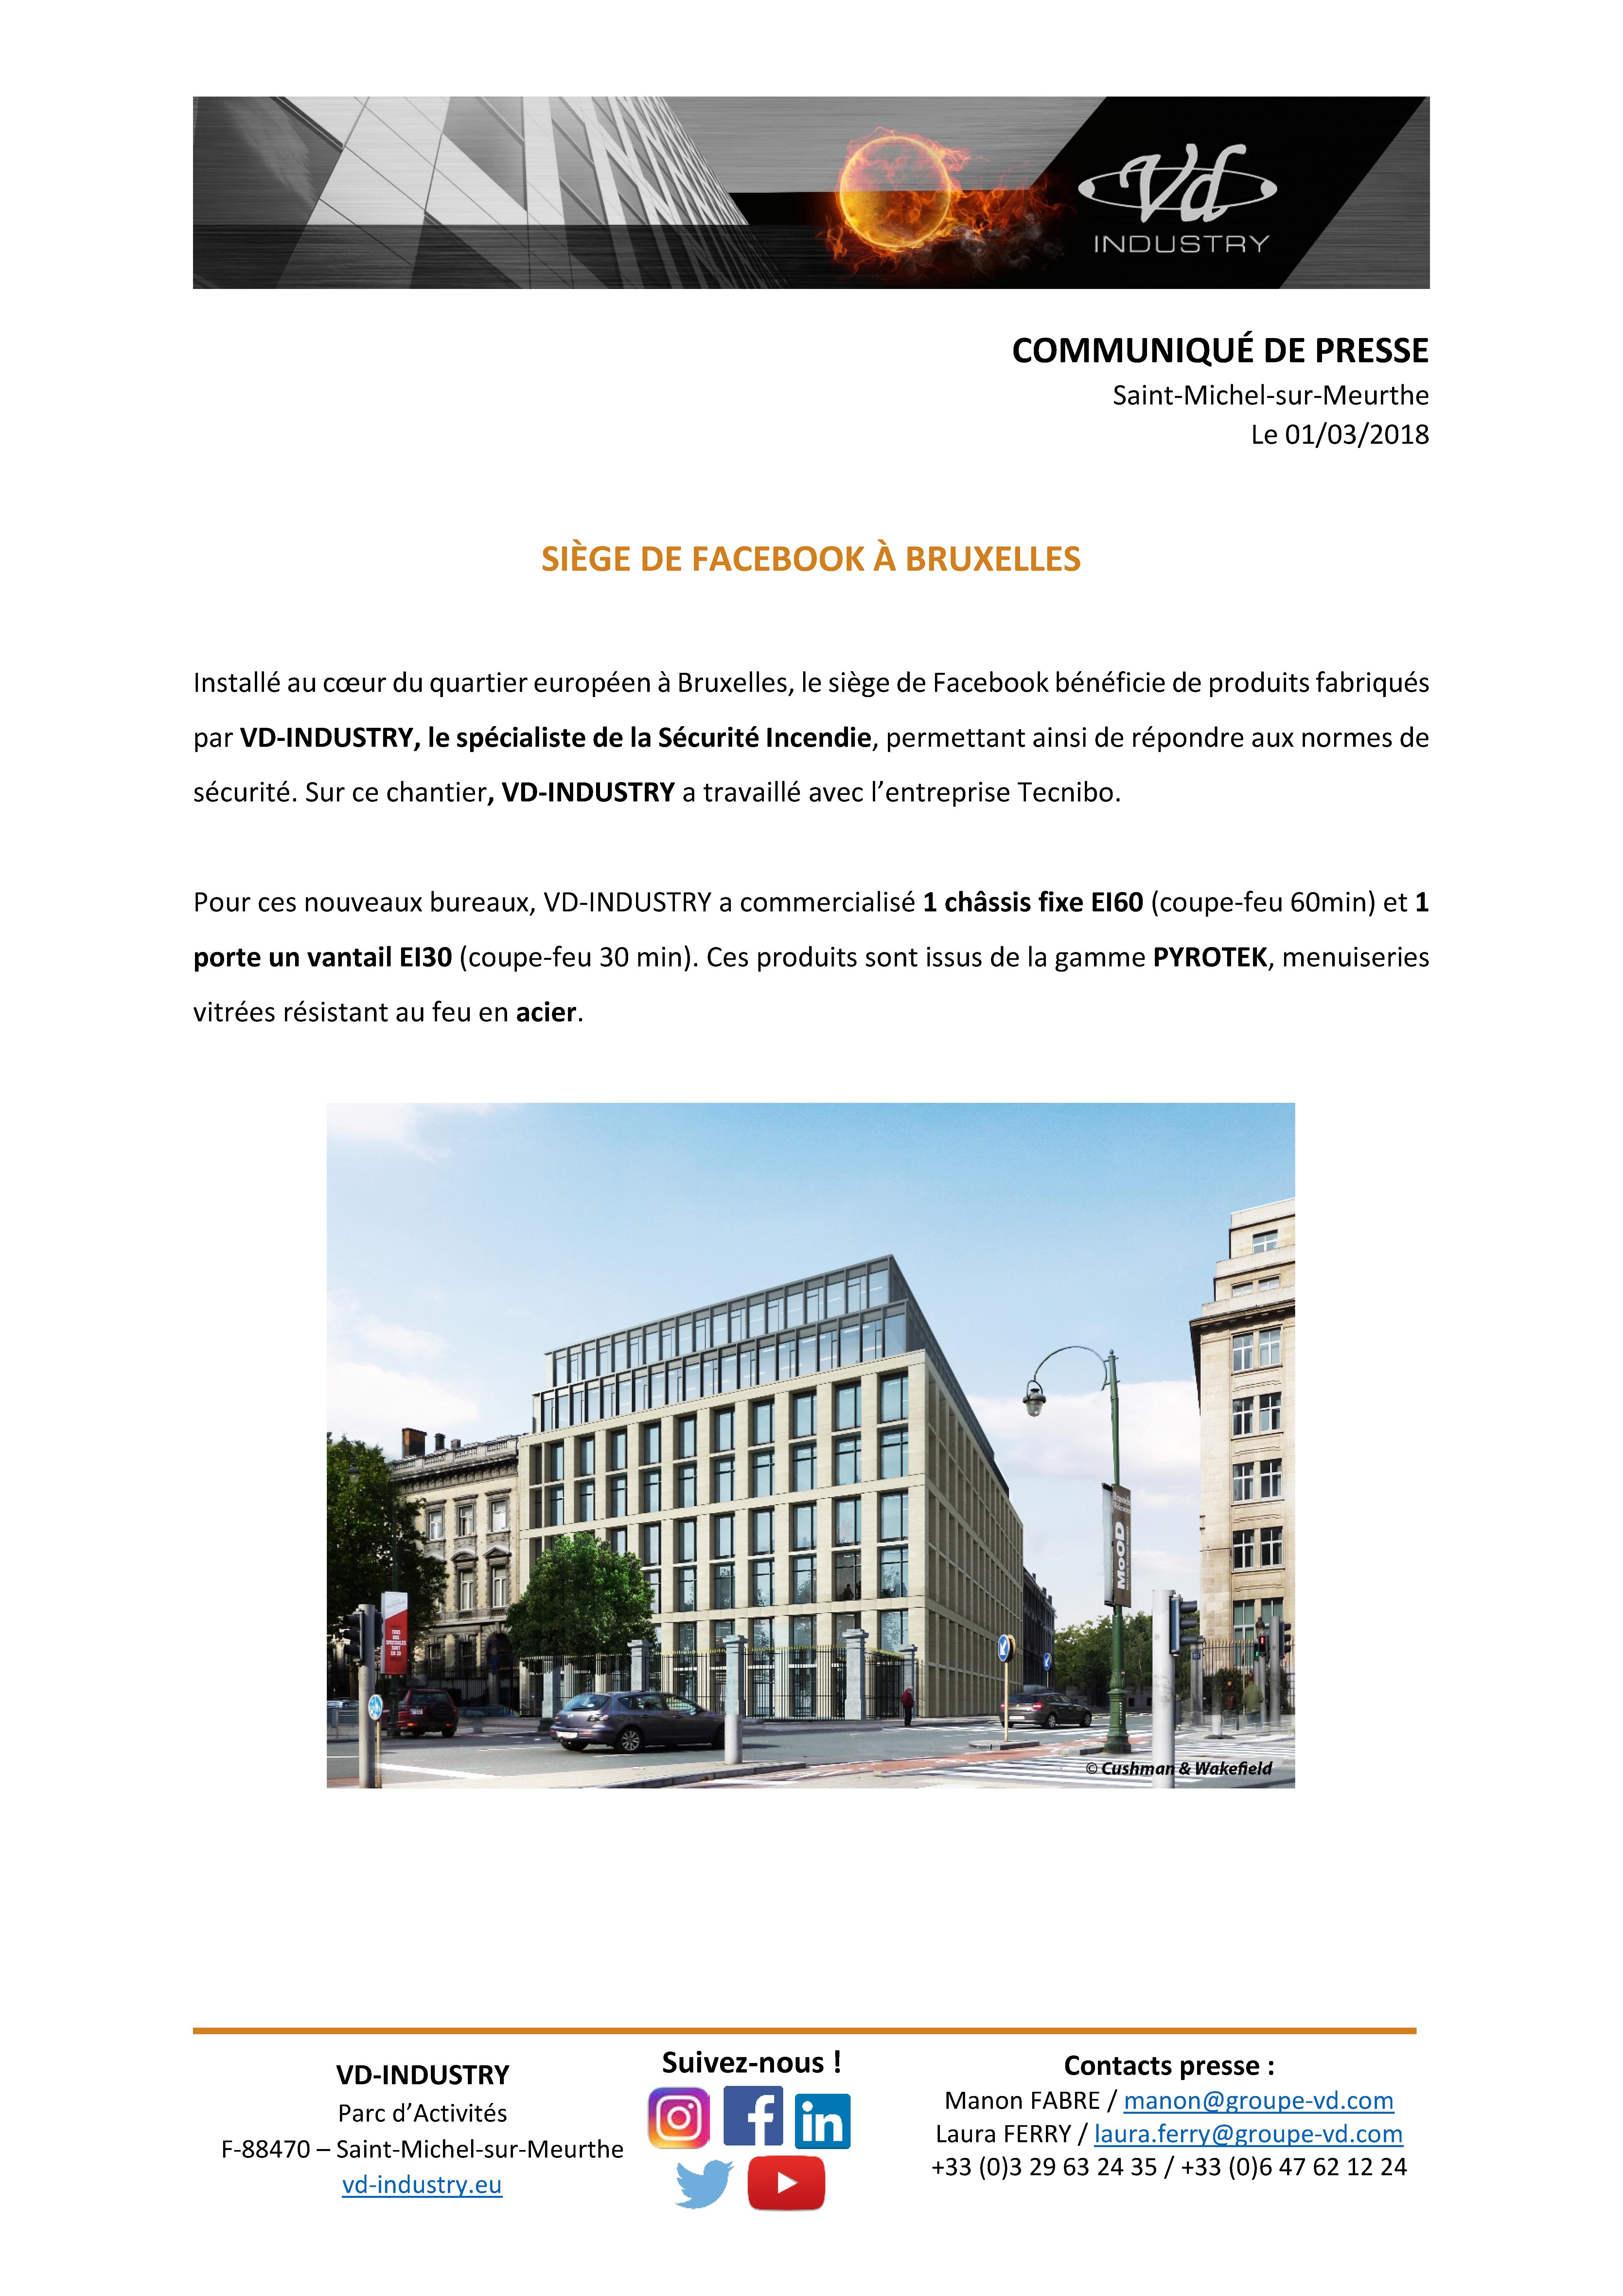 CP siège de Facebook à Bruxelles